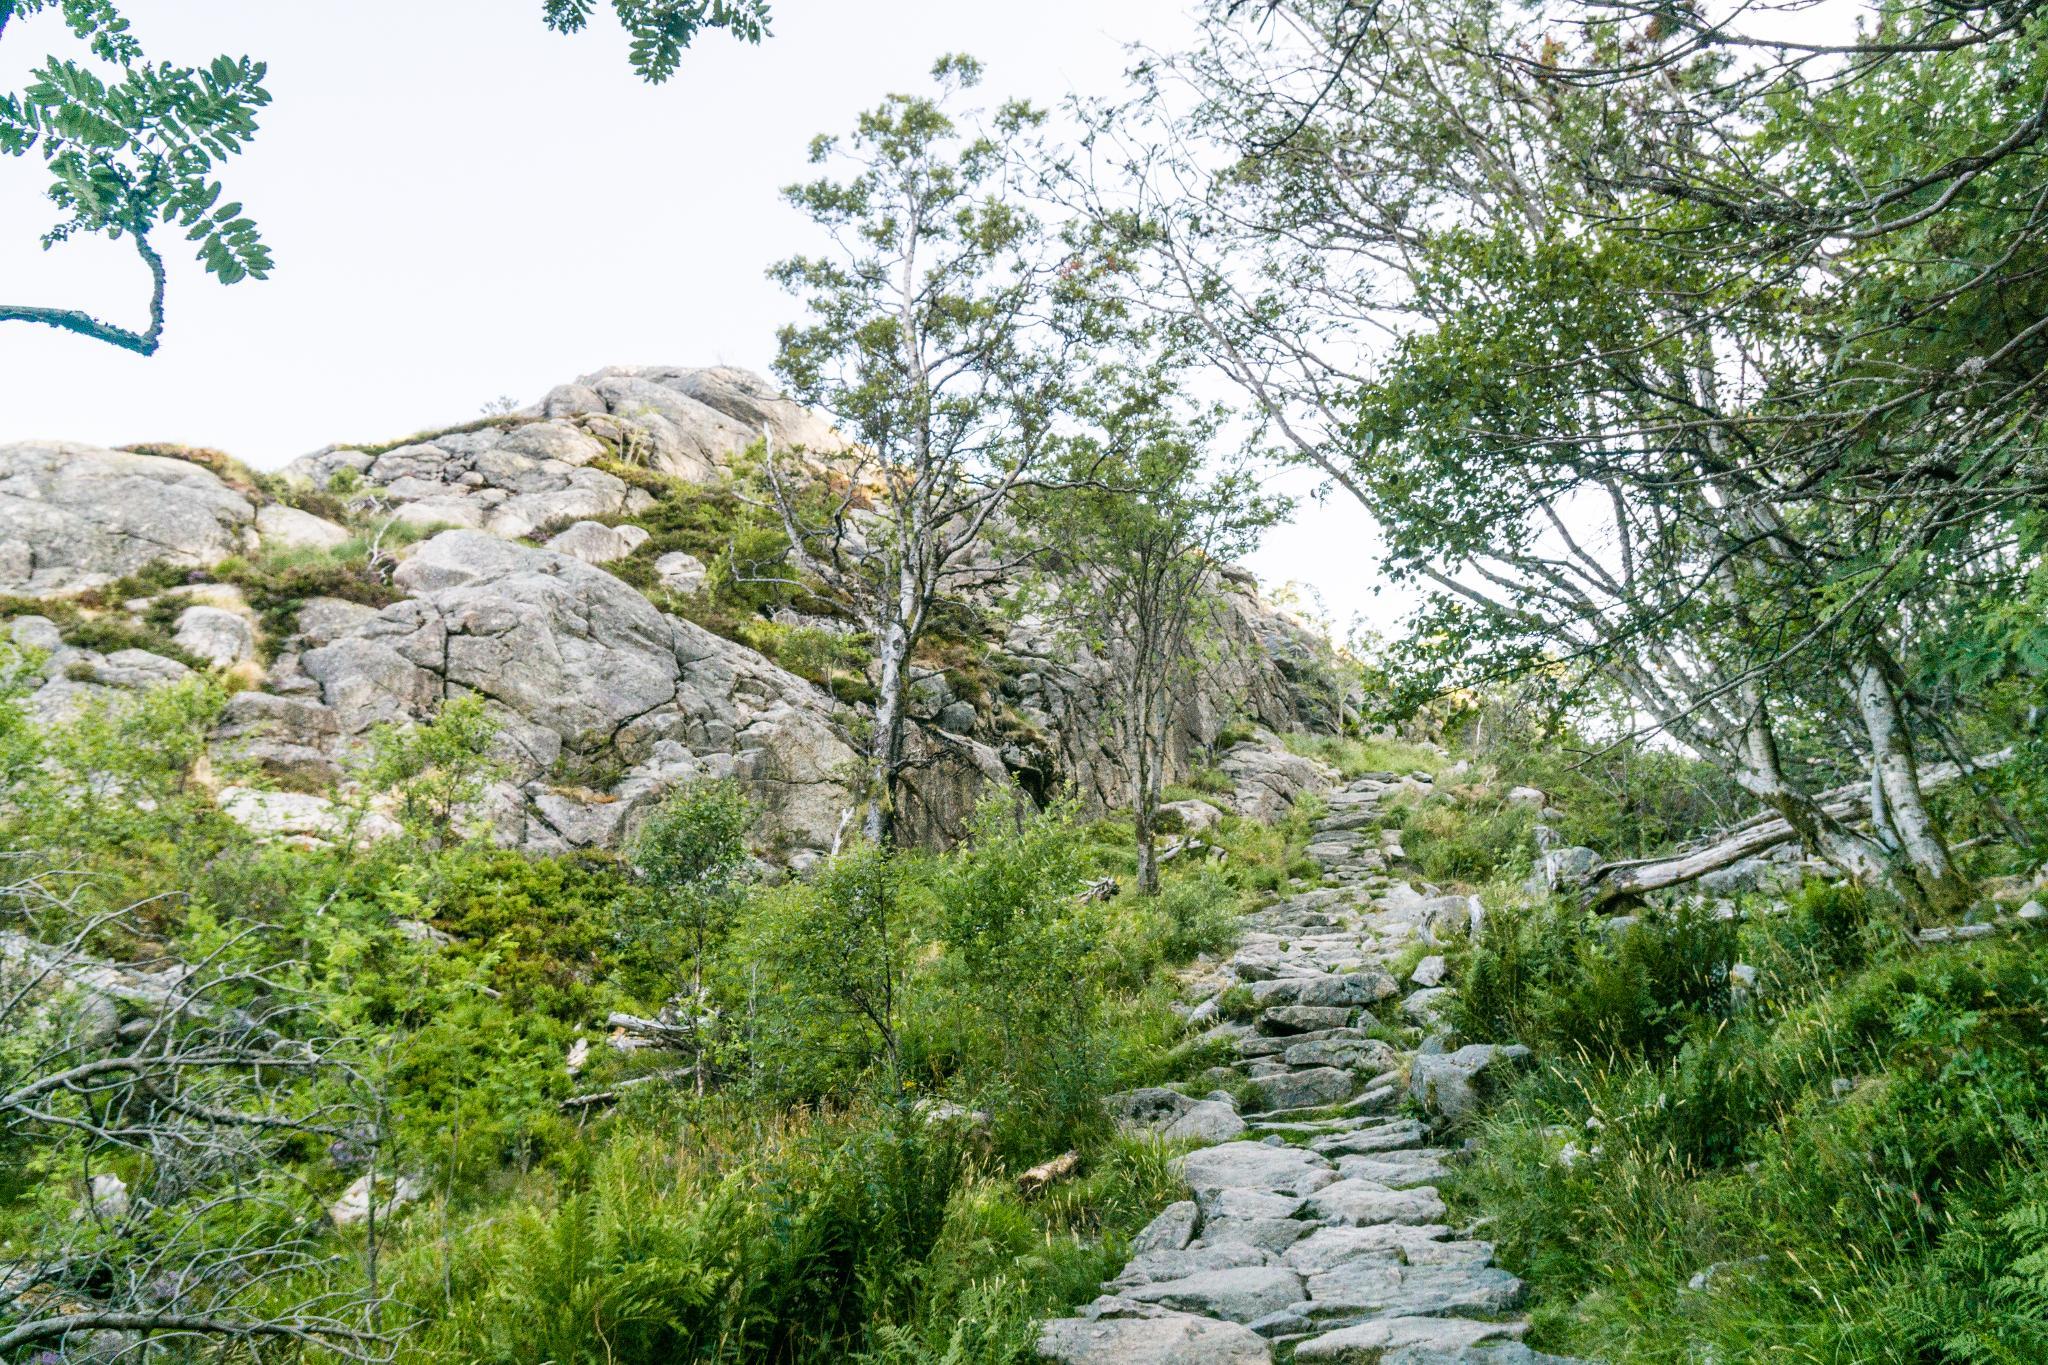 【卑爾根】超級震撼的隱藏版挪威景點 — Stoltzekleiven桑德維克斯石梯與Fløyen佛洛伊恩觀景台大縱走 9